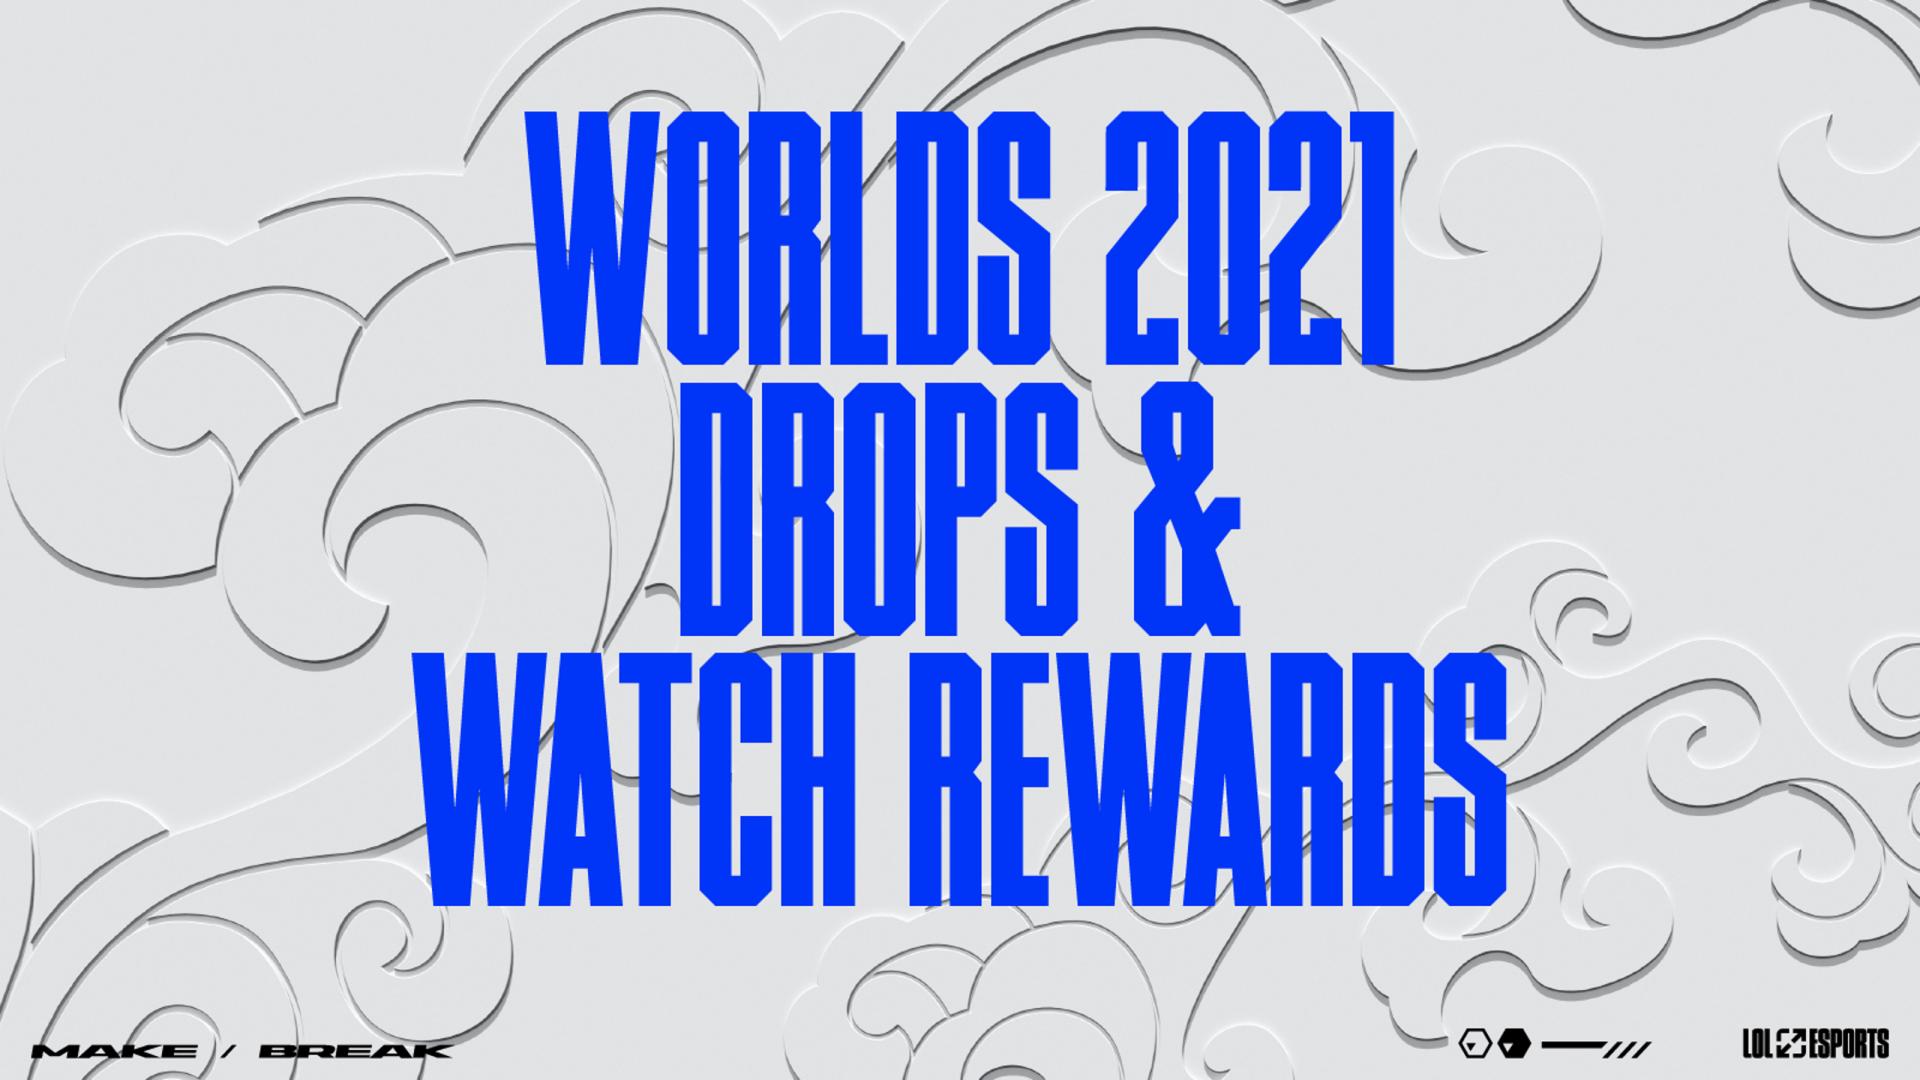 Zo mis je geen enkele Watch Reward tijdens Worlds 2021